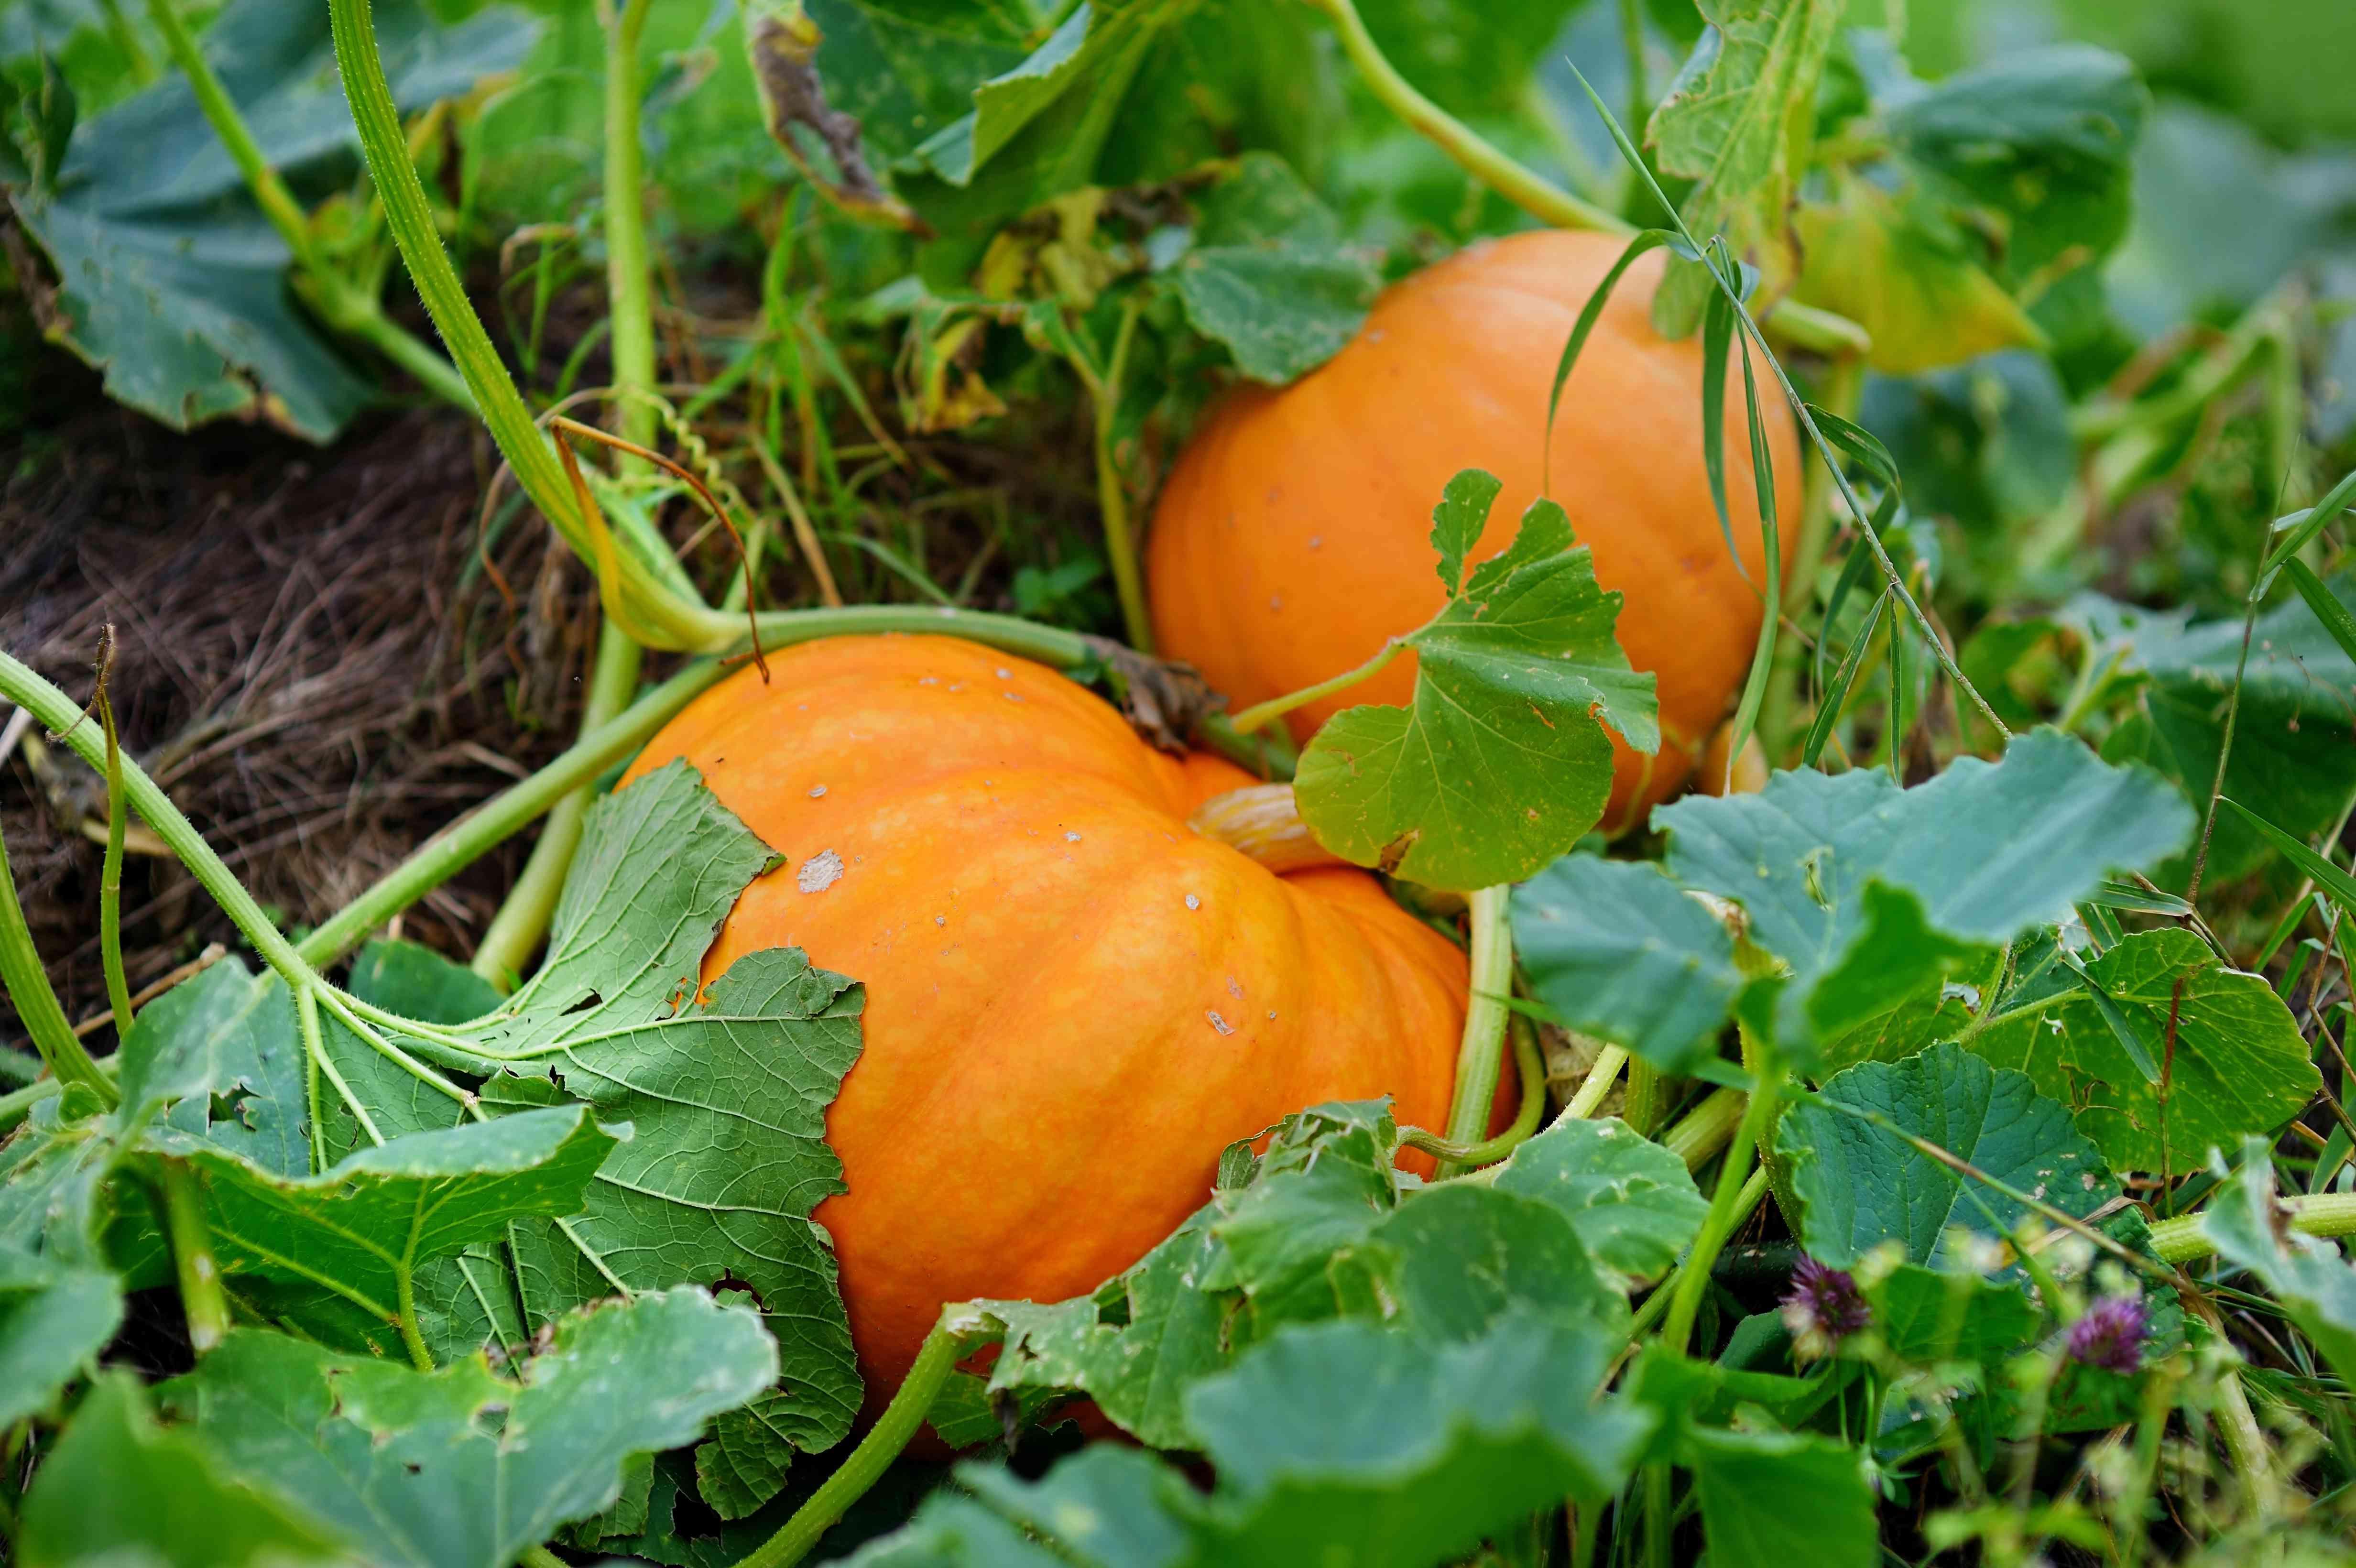 pumpkins in a home garden